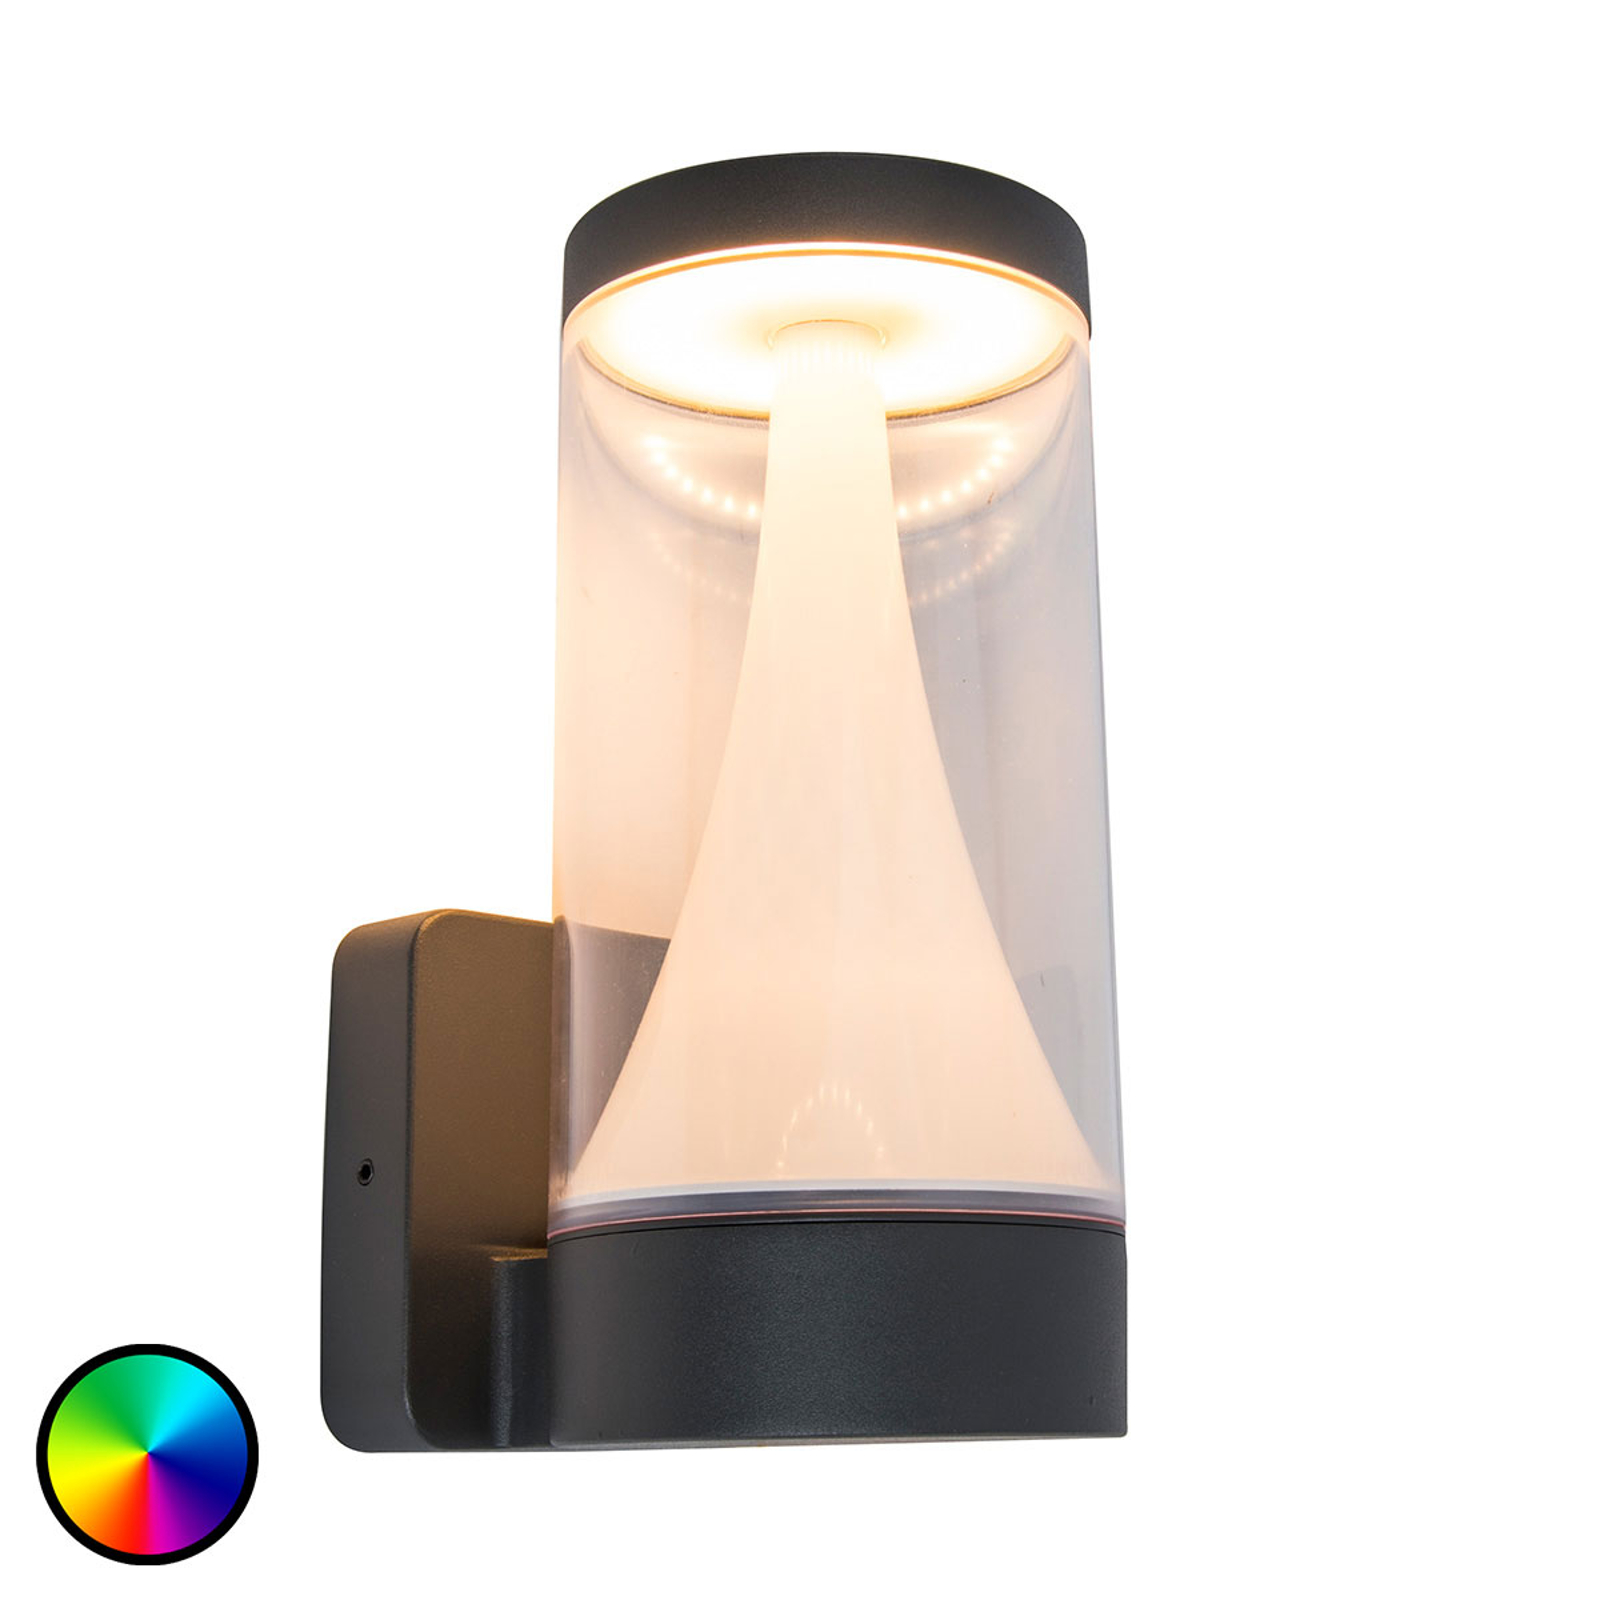 WiZ applique d'extérieur LED Spica